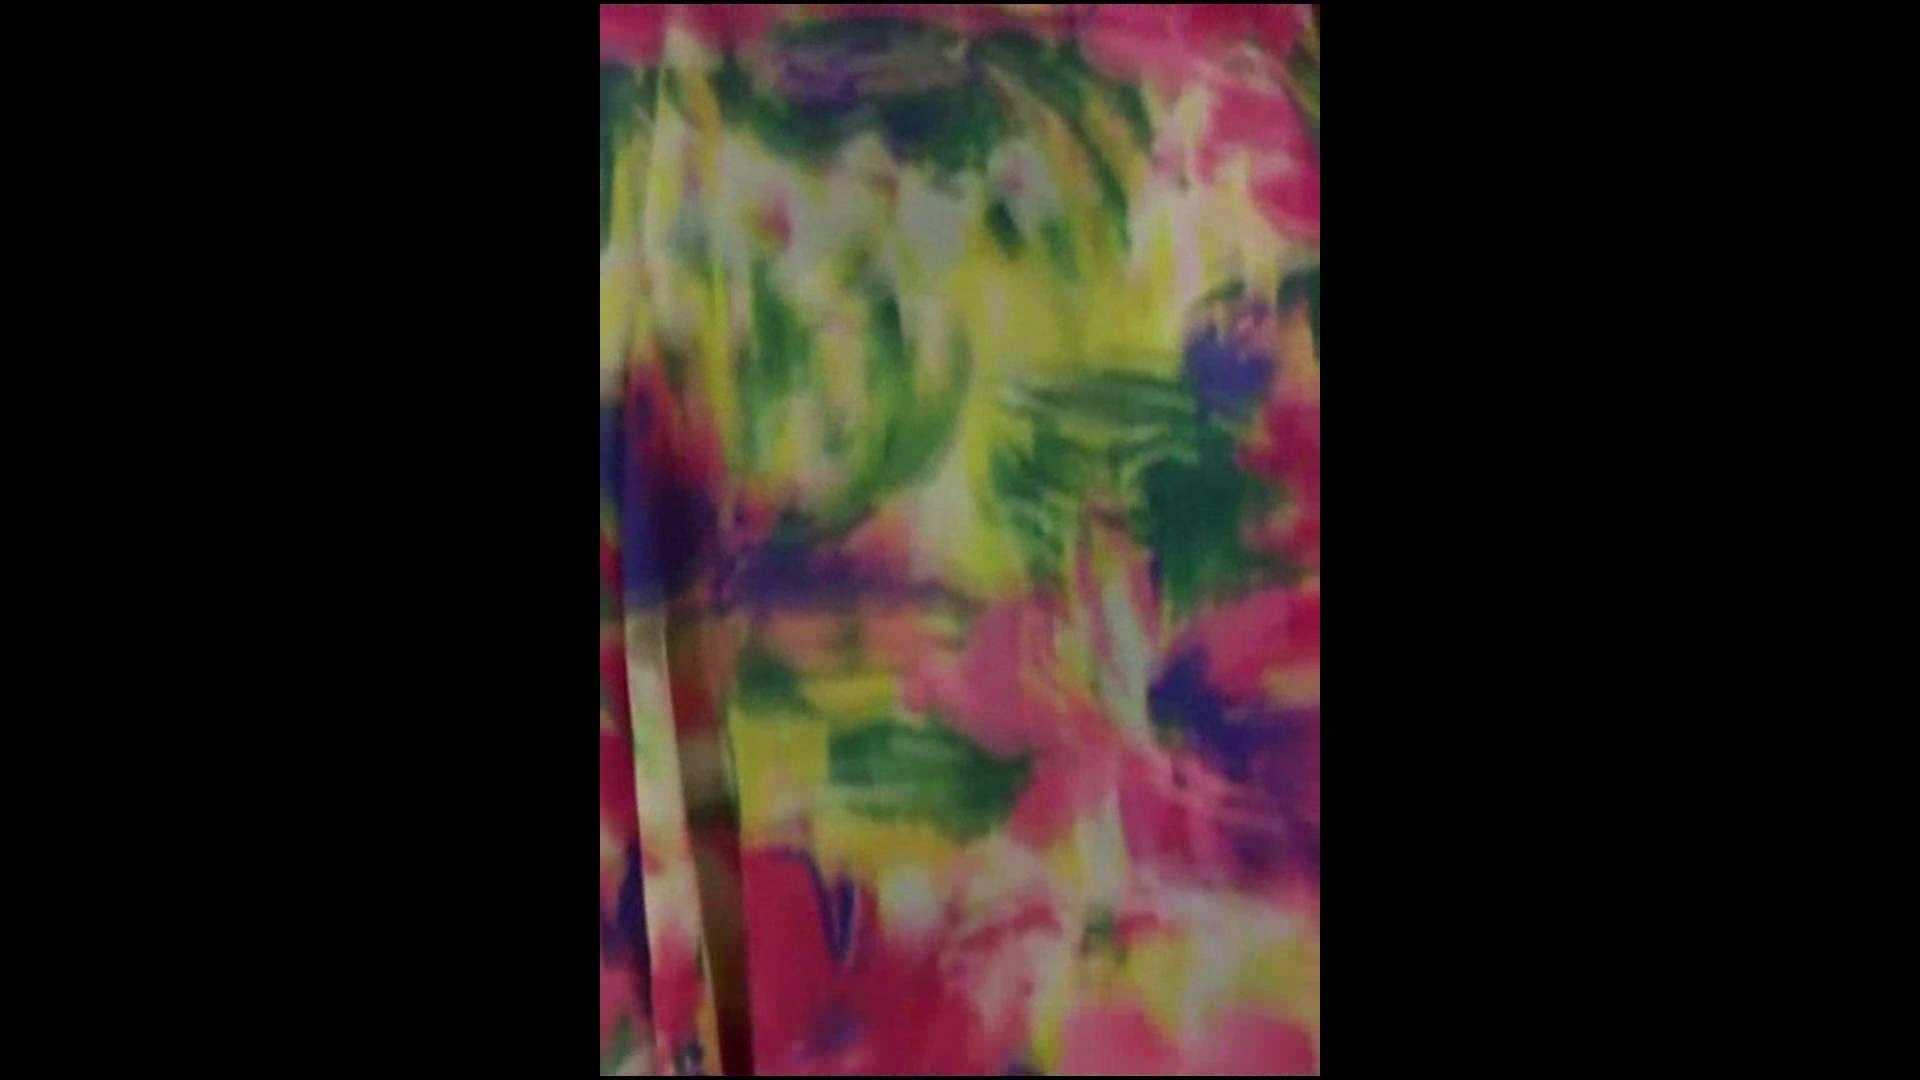 綺麗なモデルさんのスカート捲っちゃおう‼vol01 Hなお姉さん | モデルヌード  74pic 62